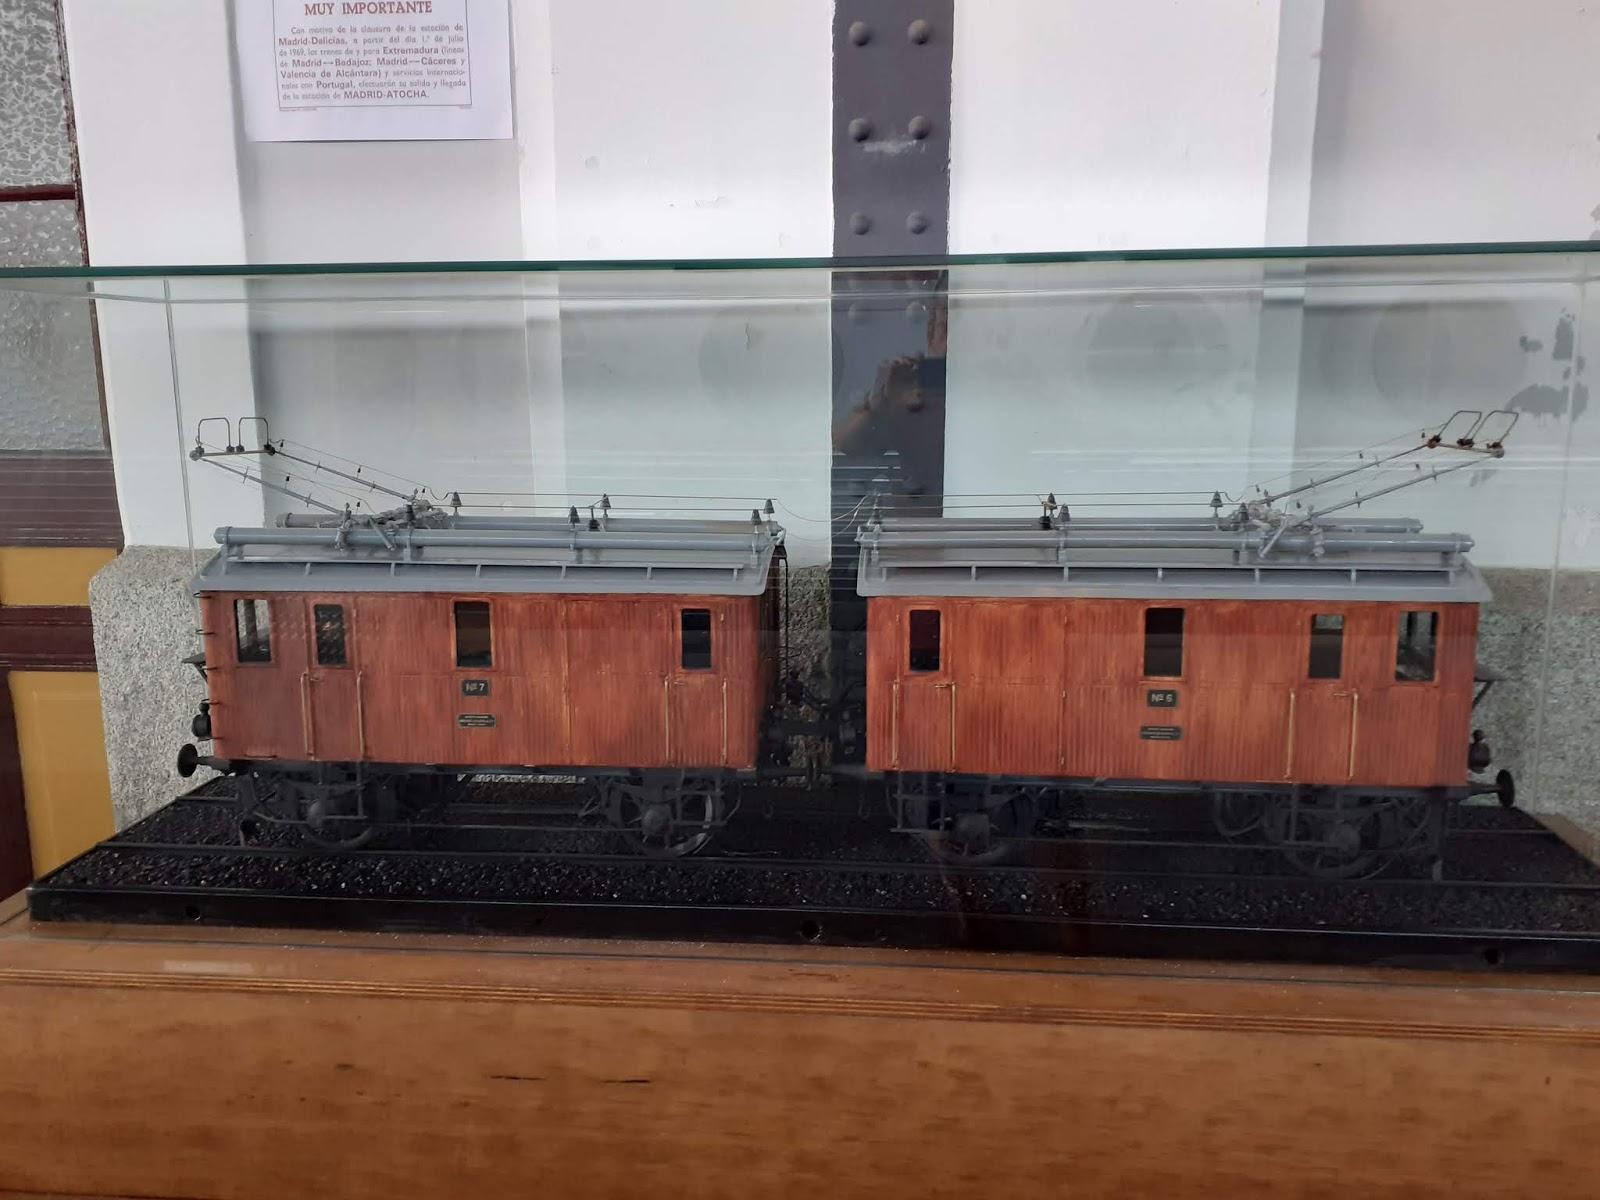 Visita al Museo del ferrocarril de Madrid – Delicias. Roberto Hernández